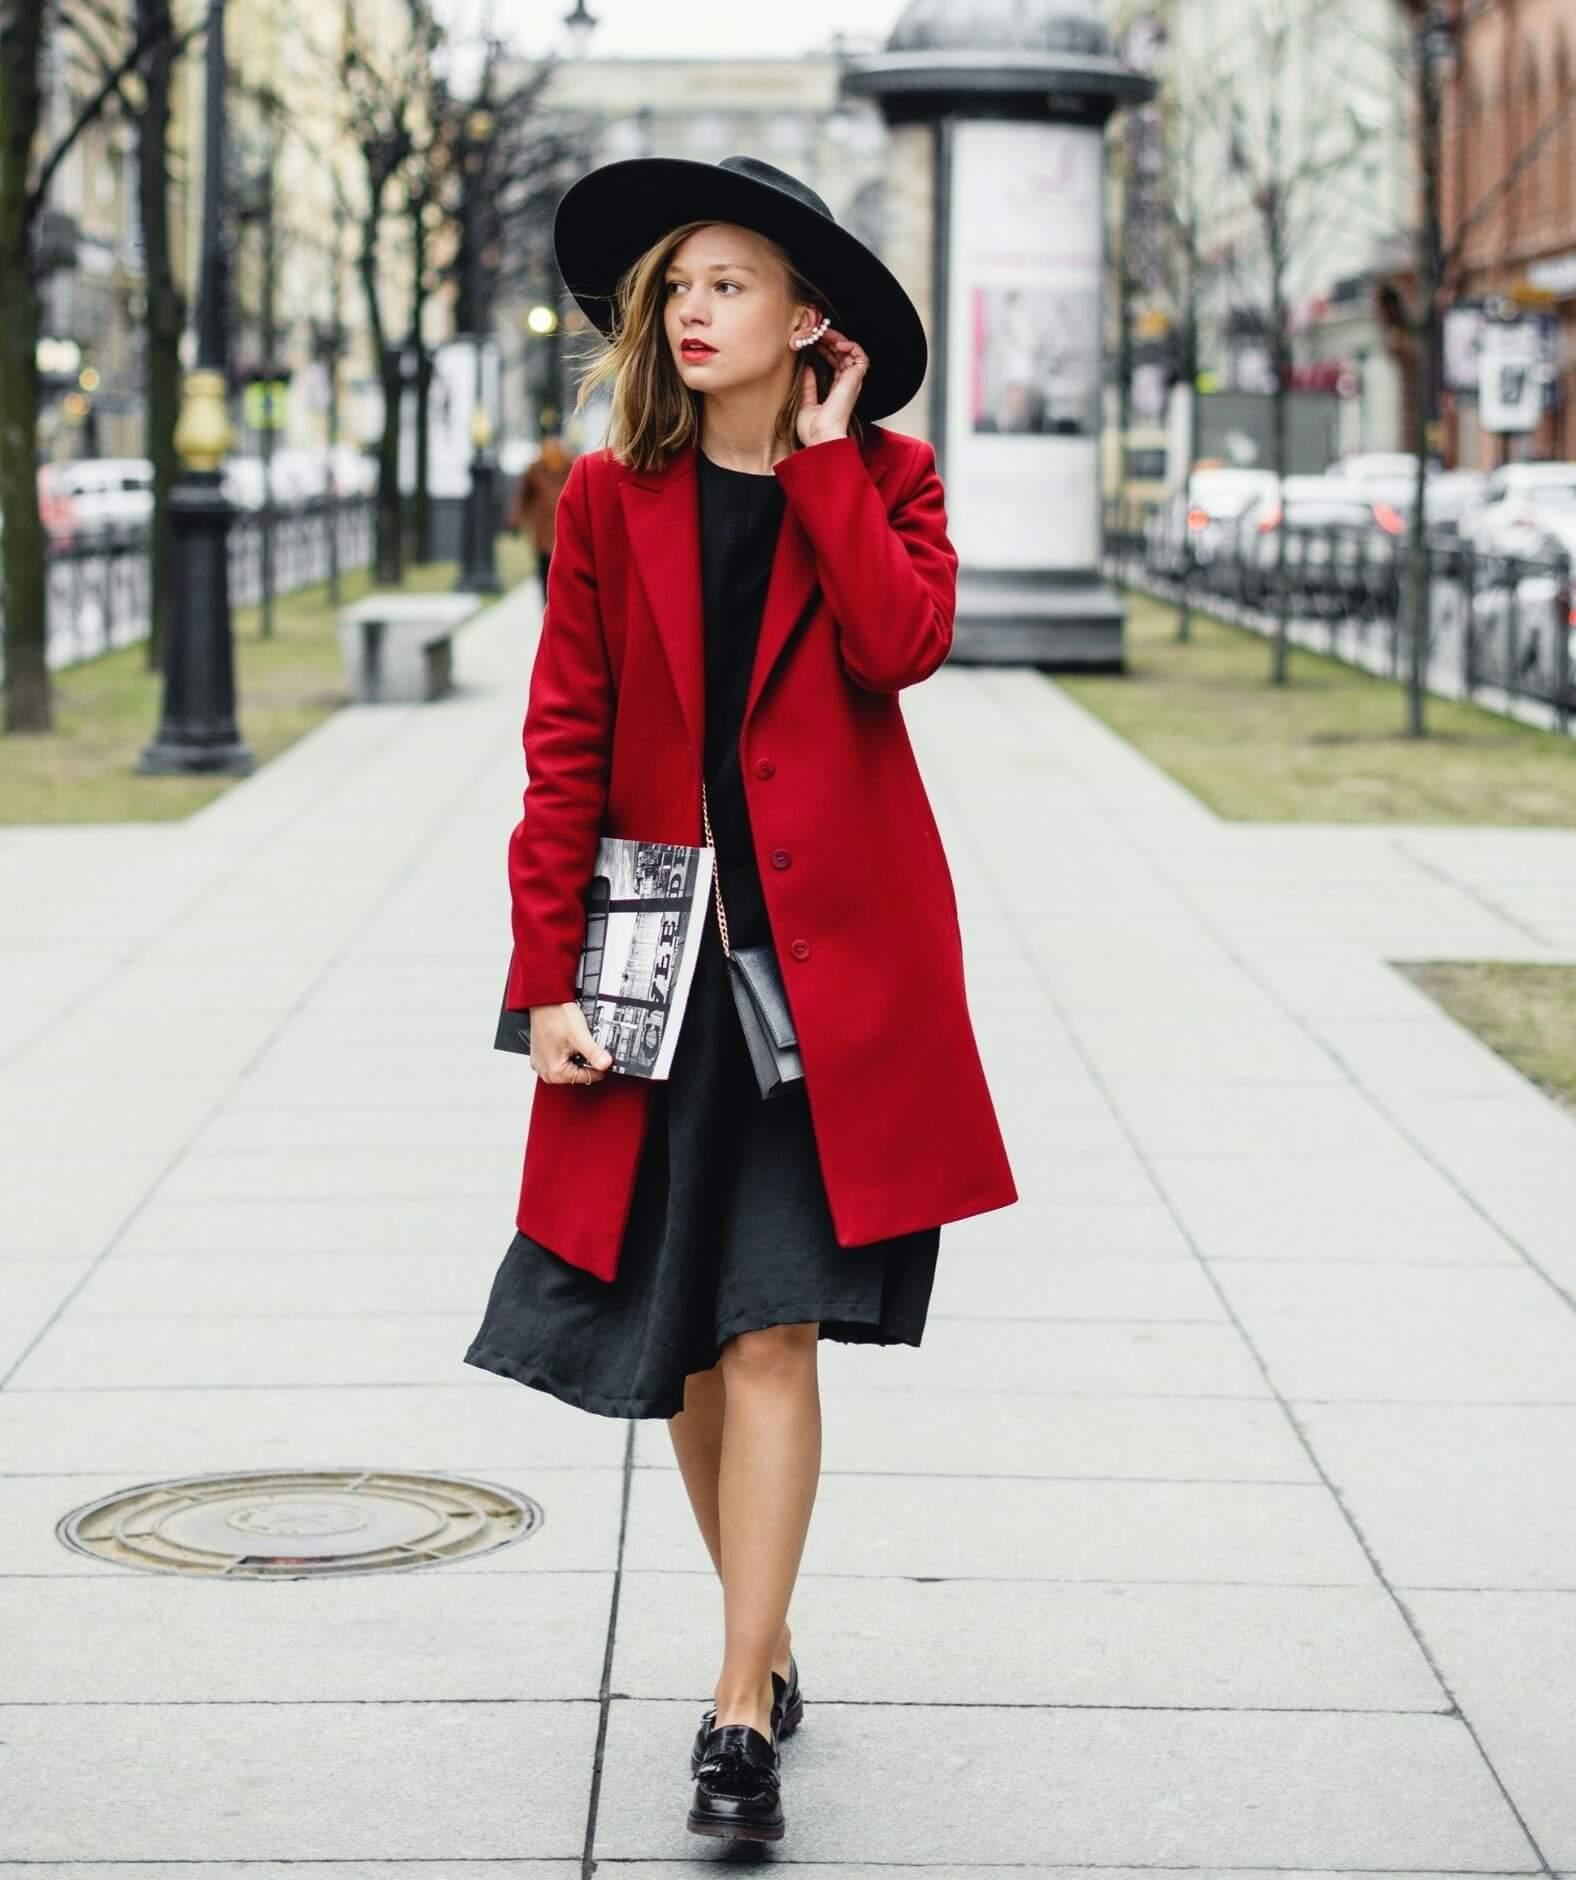 Estilo modesto para clima frío, vestido a la rodilla con abrigo y botines